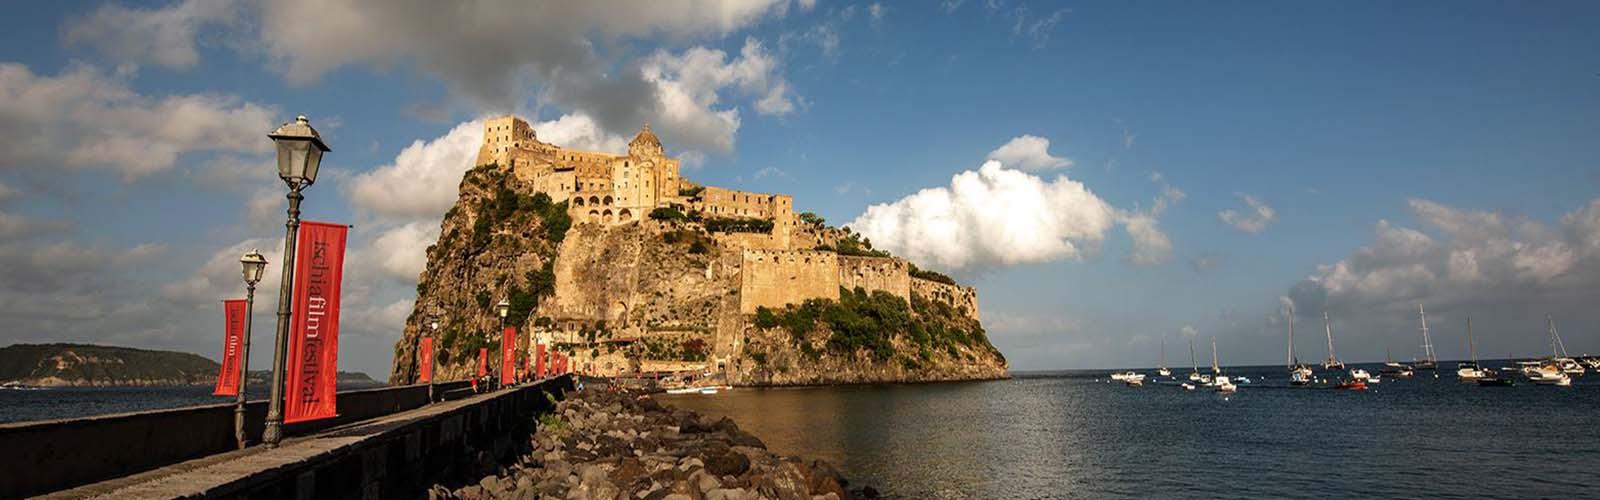 Ischia Film Festival: ritorno all'isola del cinema